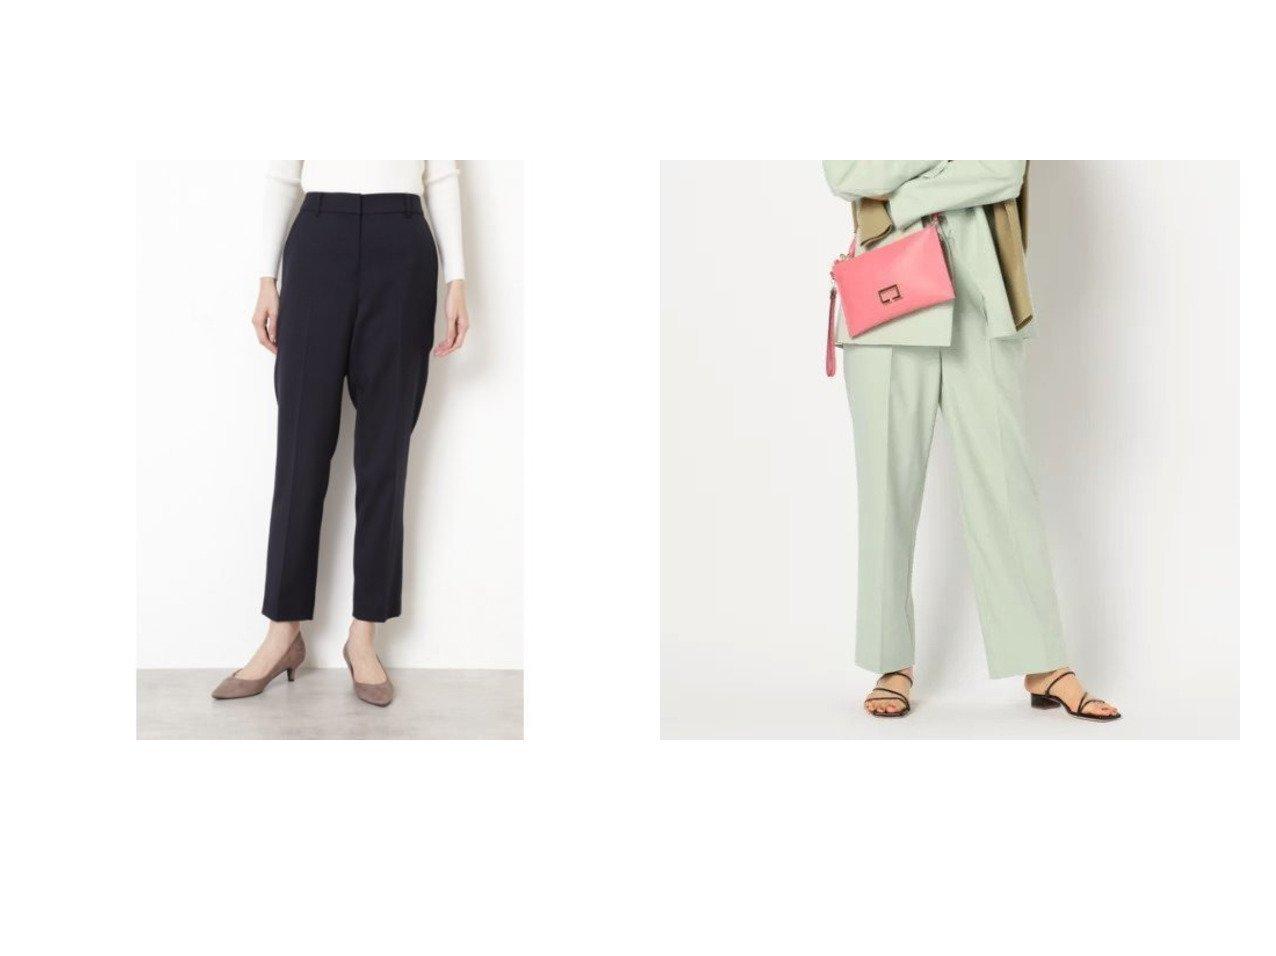 【NOLLEY'S/ノーリーズ】の麻混シャンブレーワイドテーパードパンツ&【NATURAL BEAUTY BASIC/ナチュラル ビューティー ベーシック】のフローラツイル セットアップ パンツ パンツのおすすめ!人気、トレンド・レディースファッションの通販 おすすめで人気の流行・トレンド、ファッションの通販商品 メンズファッション・キッズファッション・インテリア・家具・レディースファッション・服の通販 founy(ファニー) https://founy.com/ ファッション Fashion レディースファッション WOMEN セットアップ Setup パンツ Pants パンツ Pants シンプル ジャケット ストレッチ セットアップ メランジ シャンブレー リネン |ID:crp329100000015285